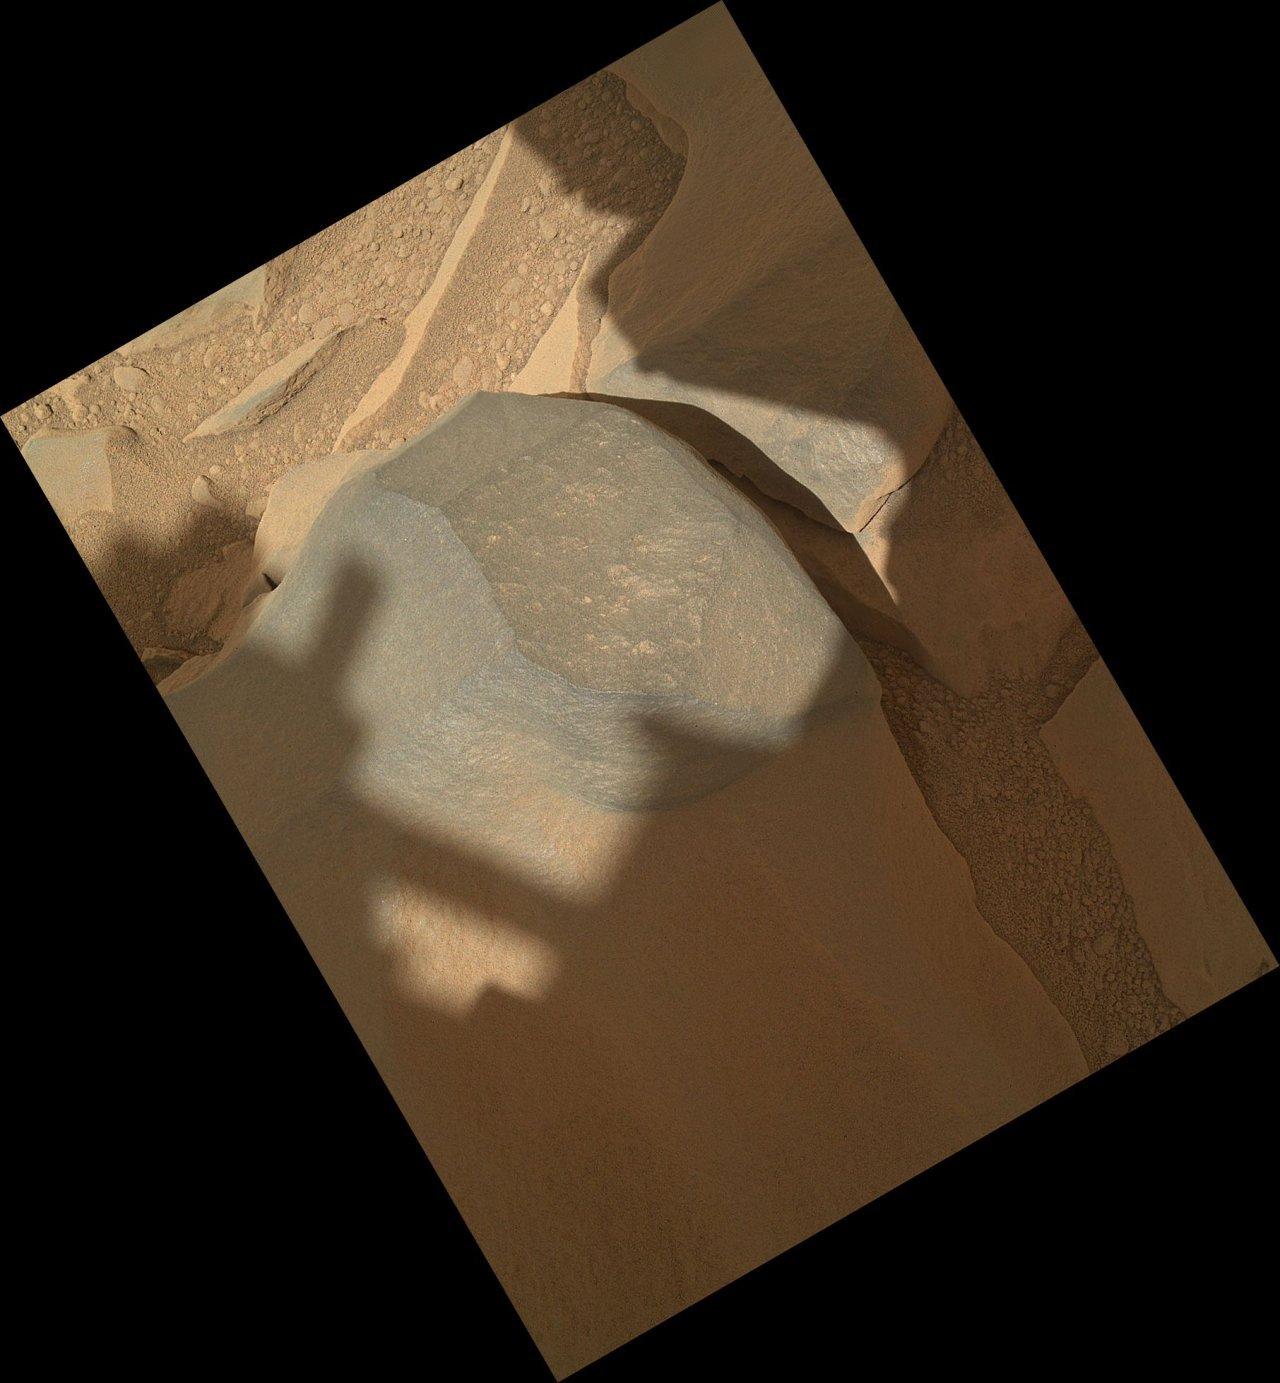 Zdjęcia z powierzchni Marsa 8